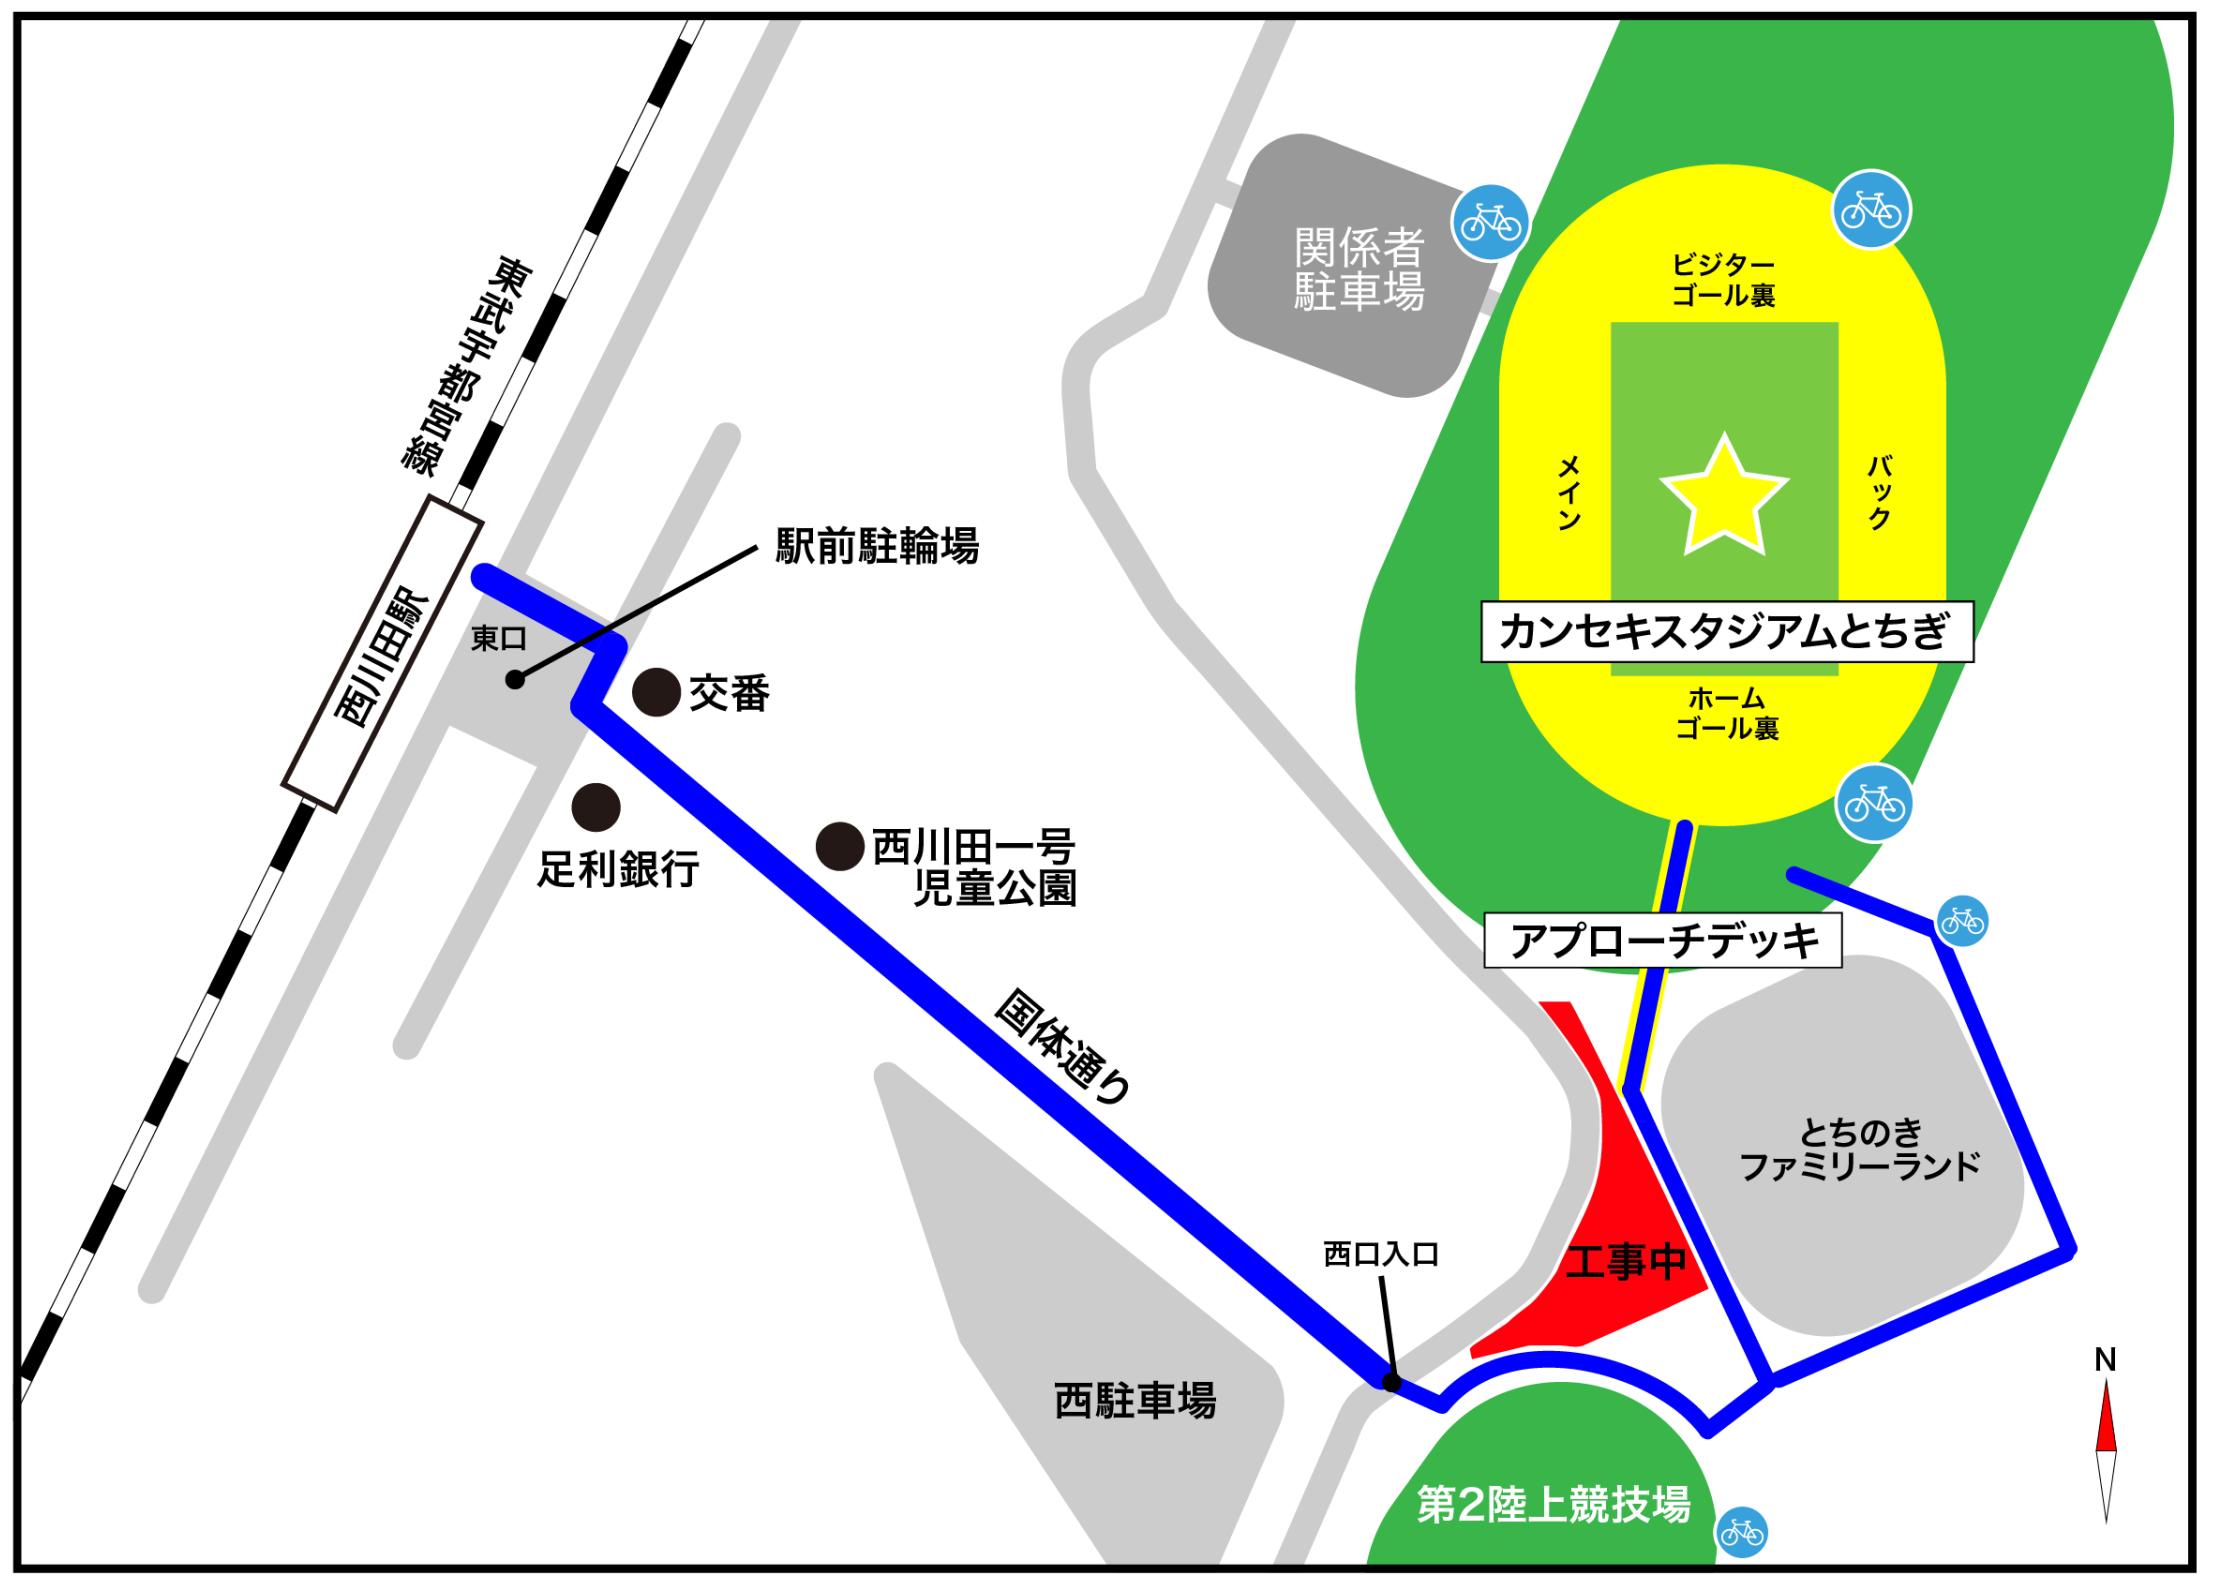 kanseki_map2.png